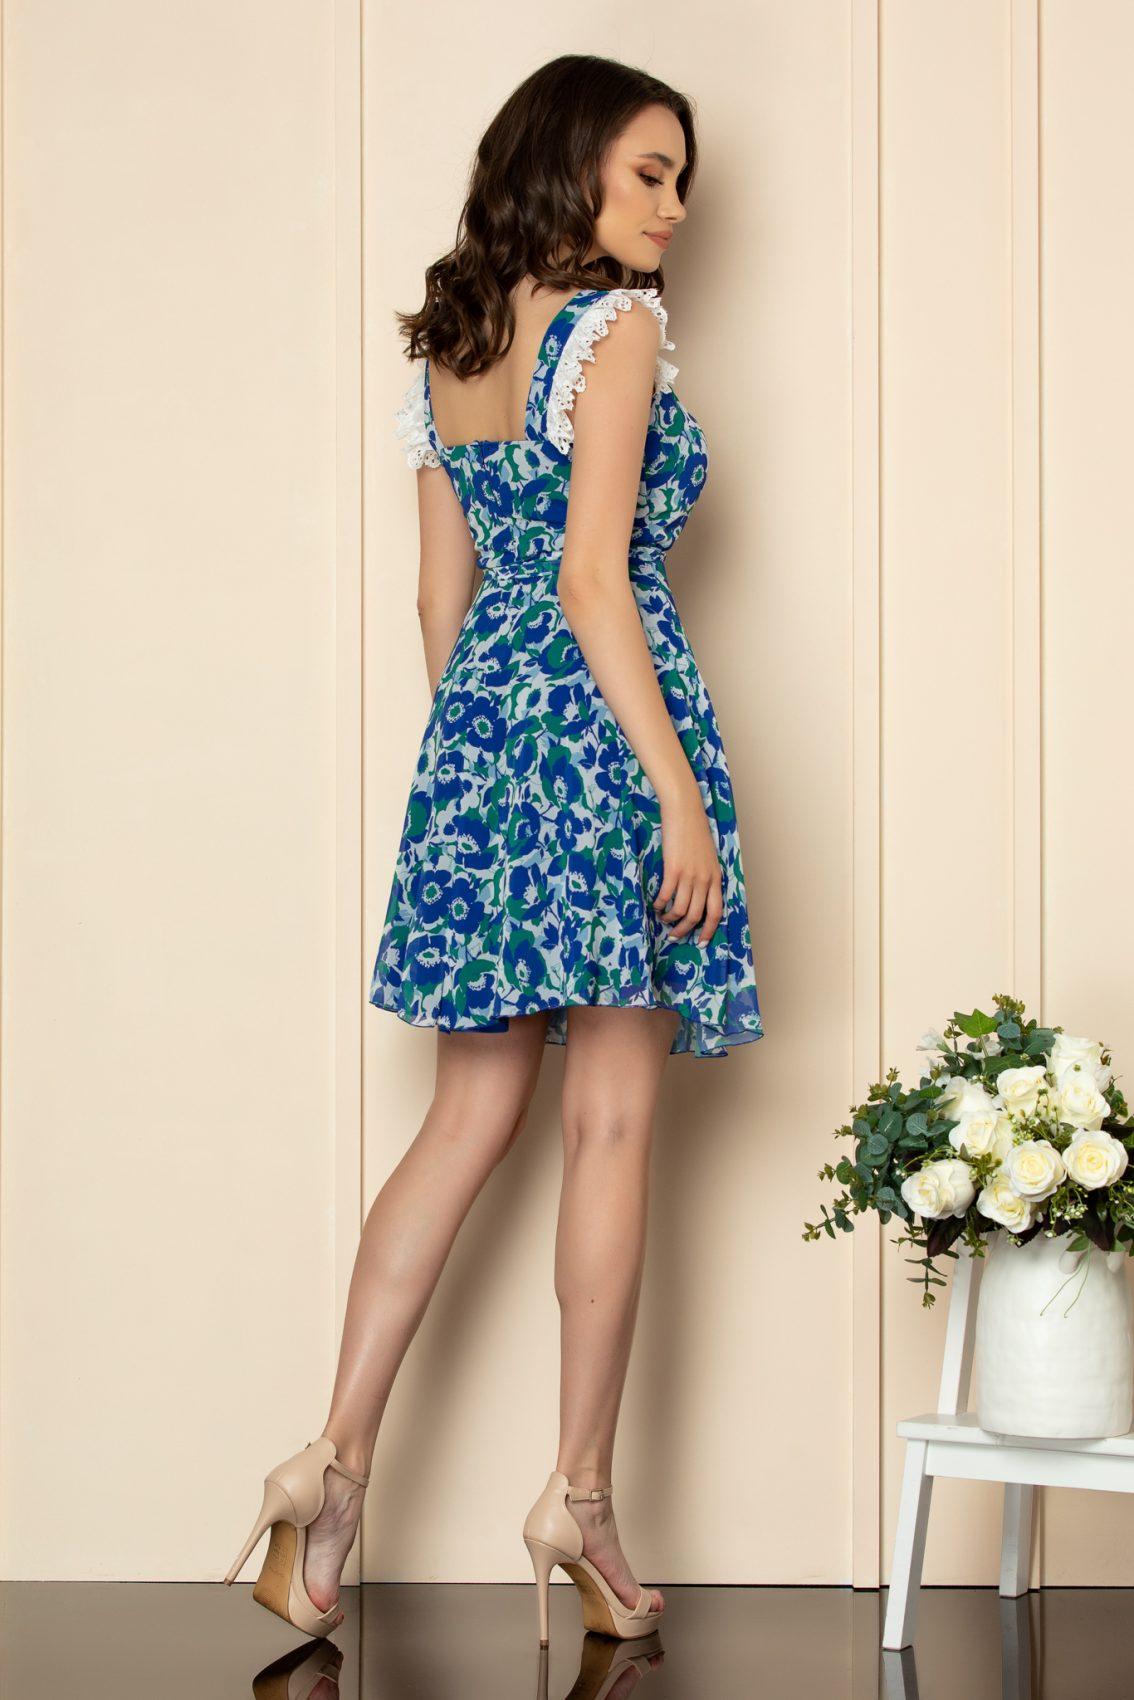 Μπλε Εμπριμέ Φόρεμα Με Δαντέλα Freya A537 3